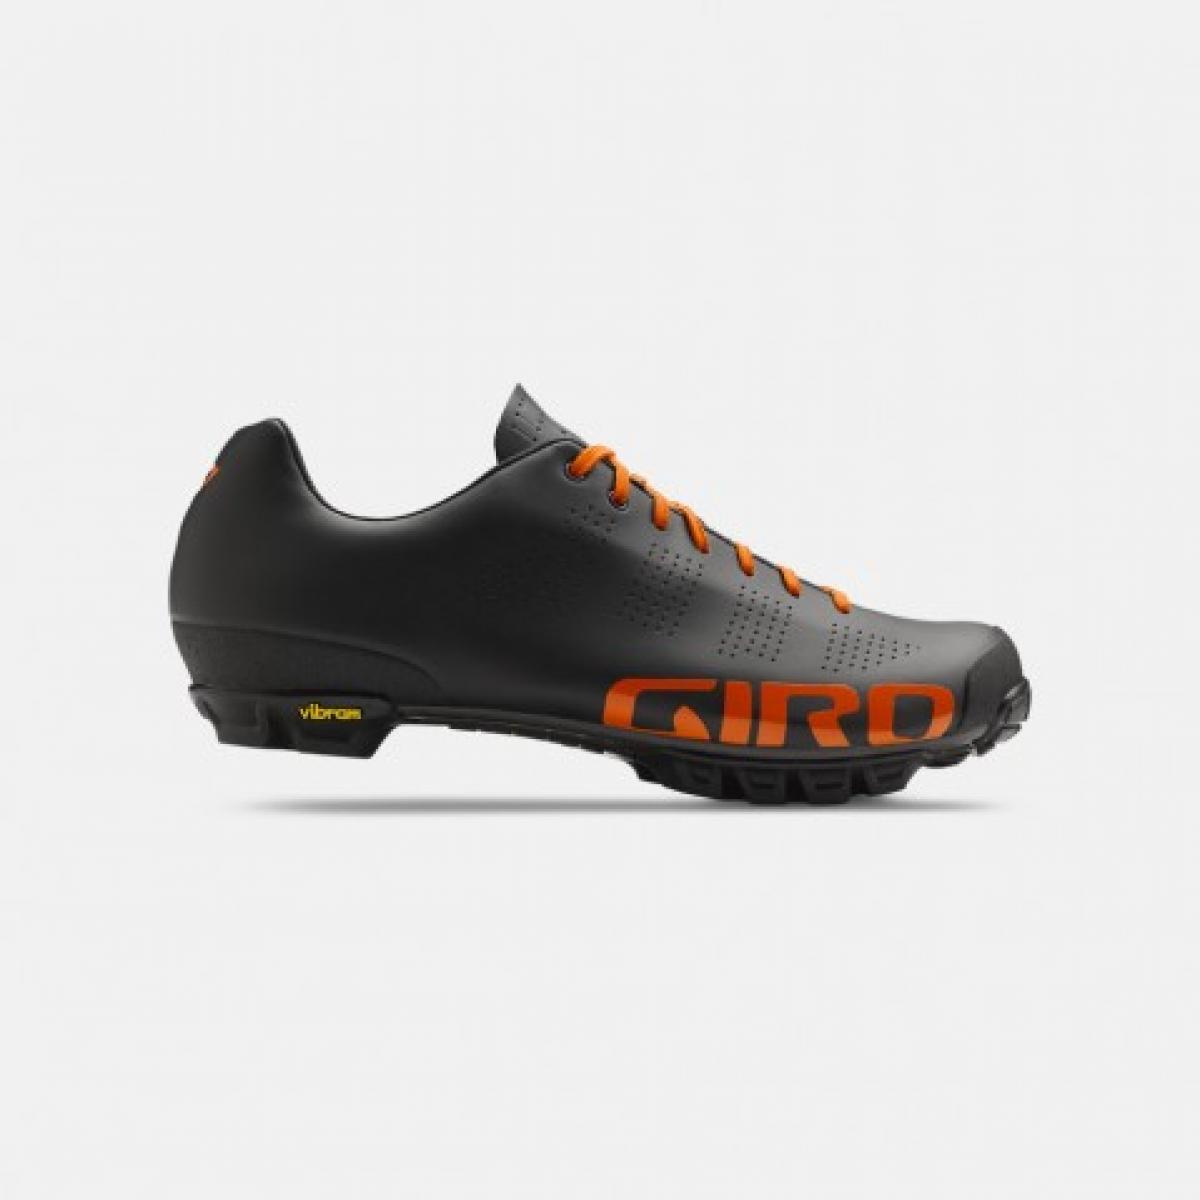 Giro Gauge Mtb Shoes Review